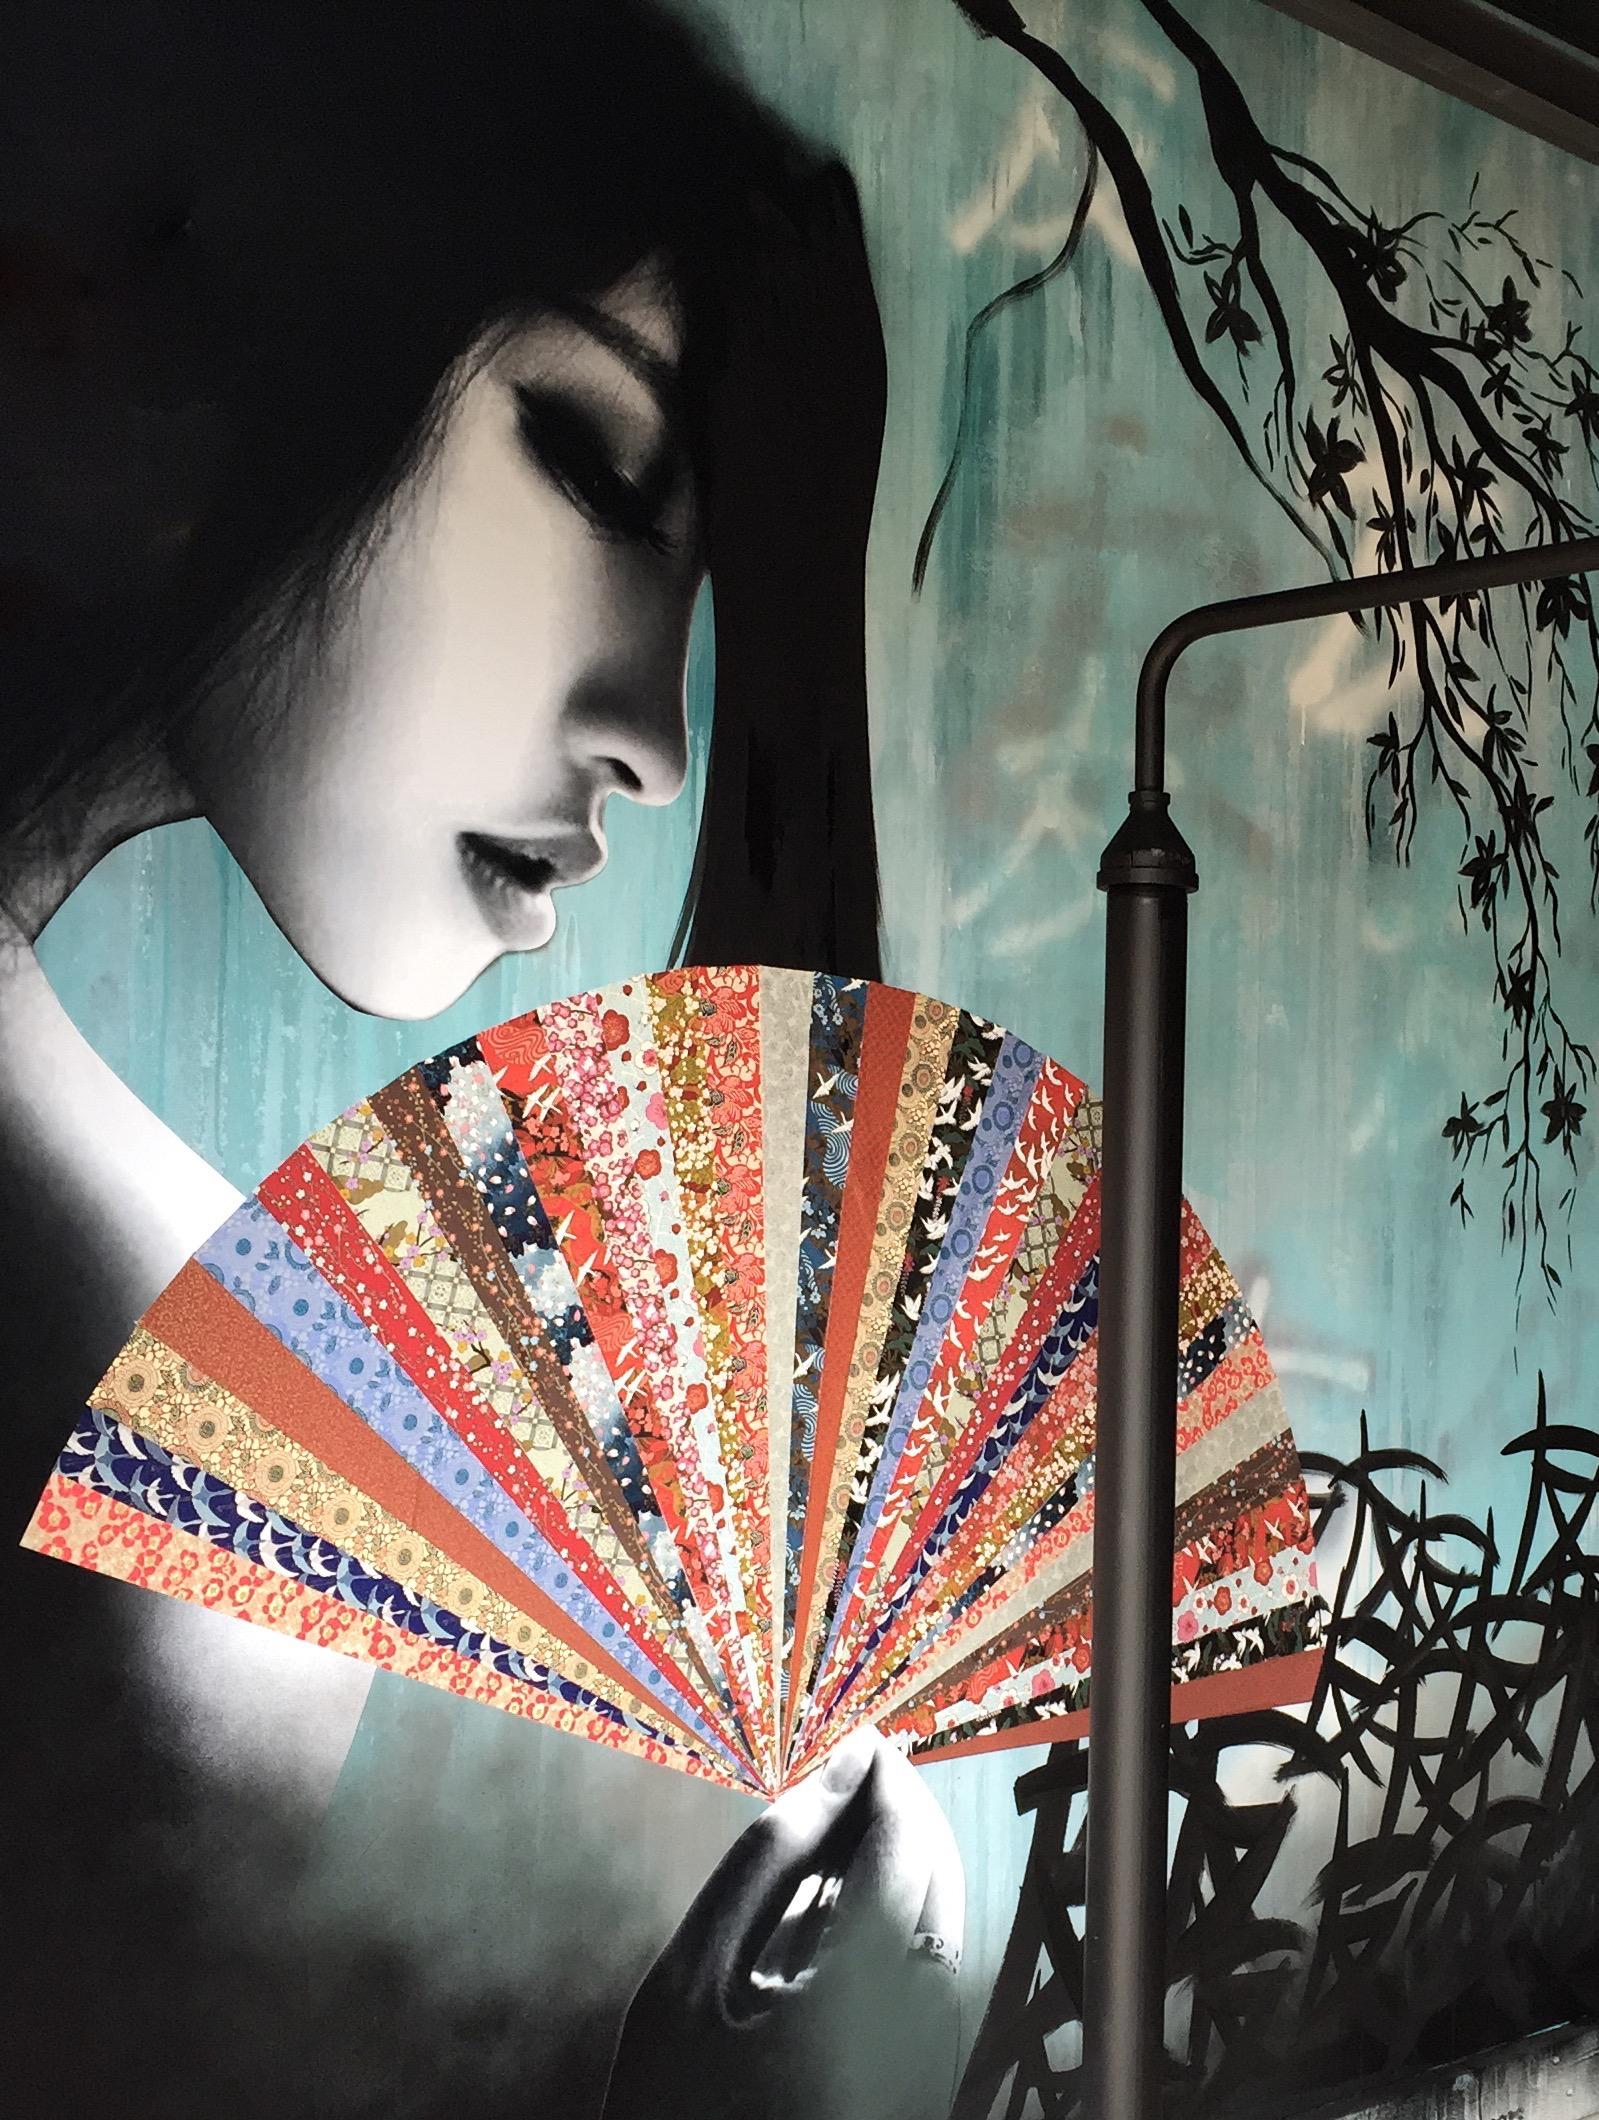 09 Geisha 2015 2 Tomo Ottawa part of a 65' wall mural mixed media.jpg